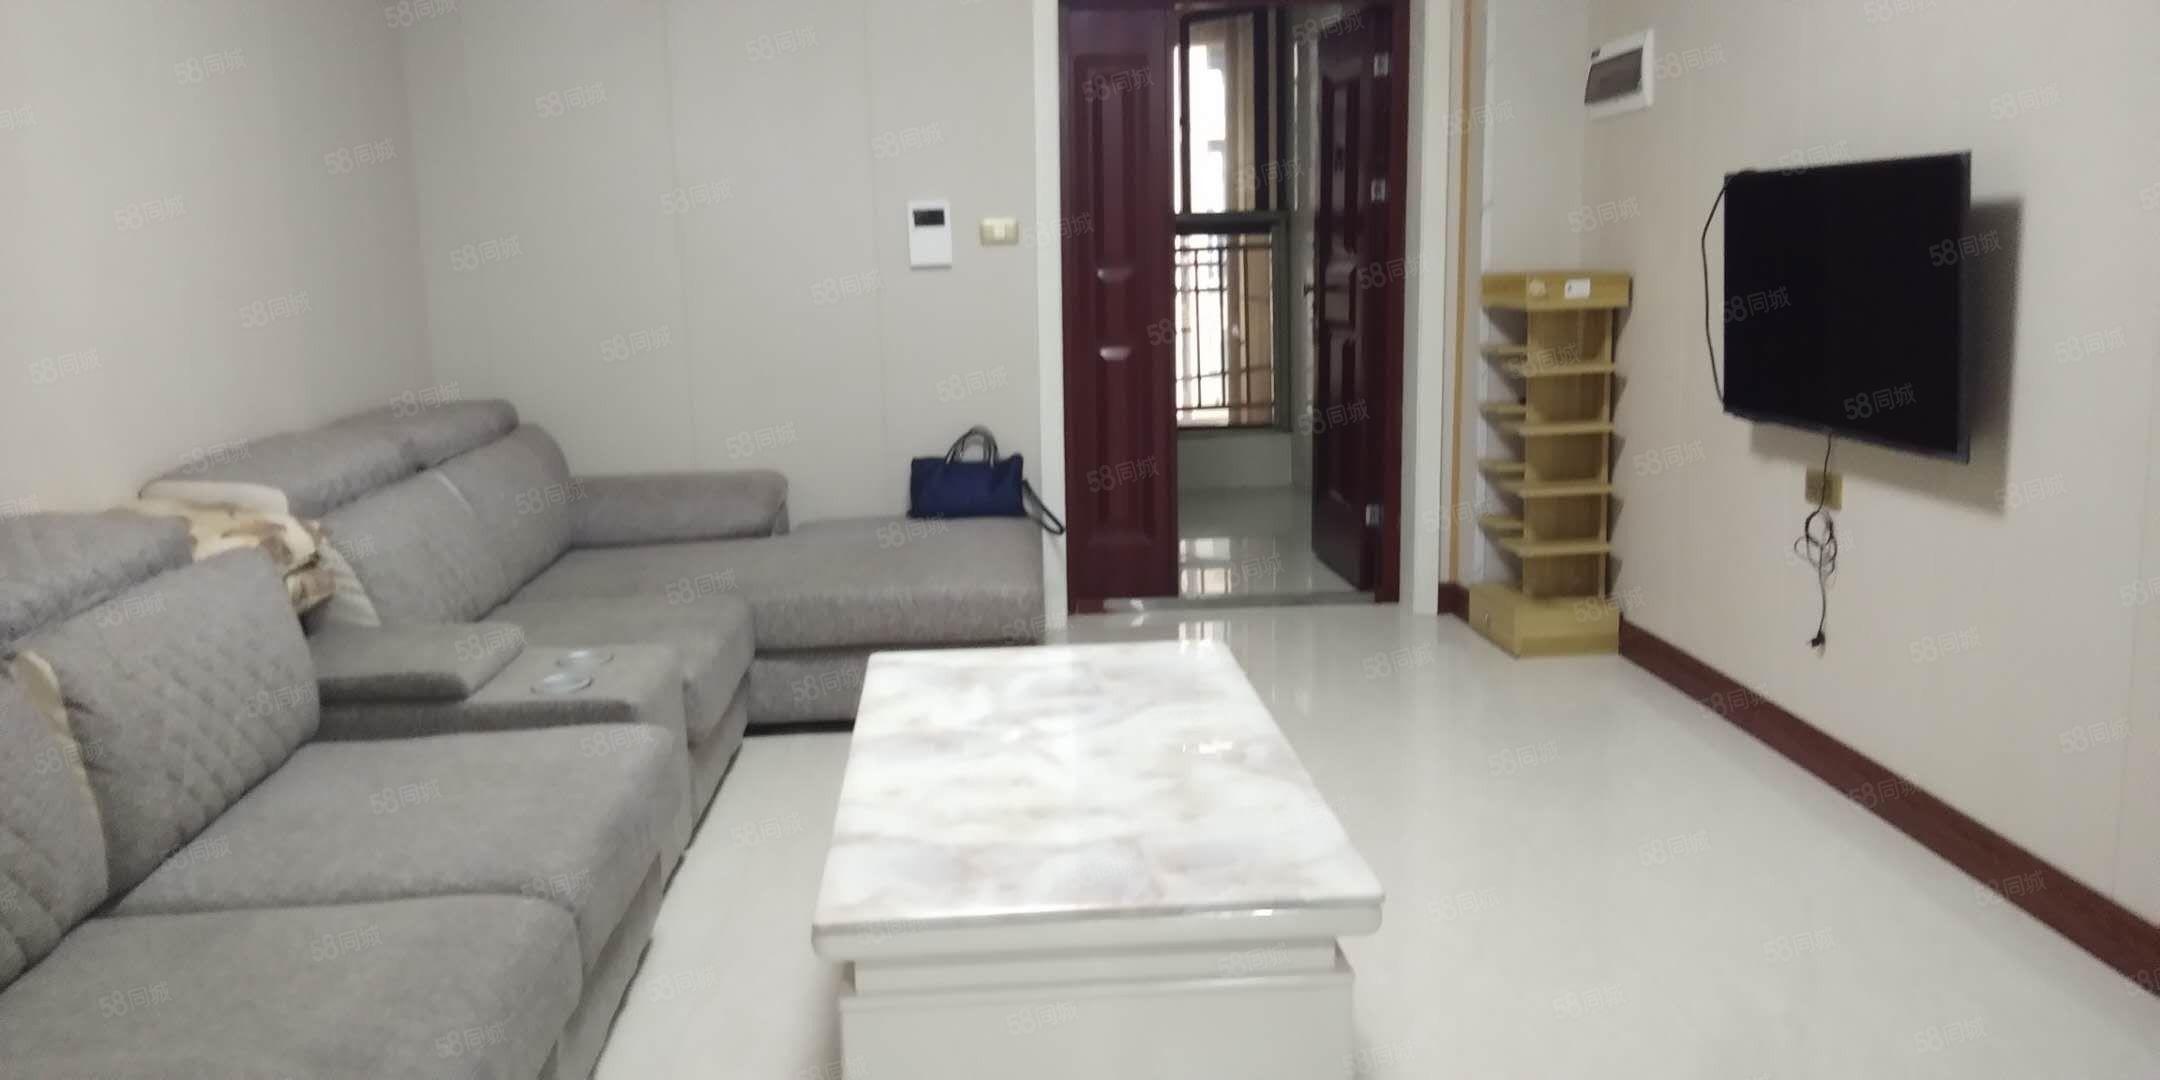 金華蘇河尚品小區電梯房精裝修2房真正的拎包入住